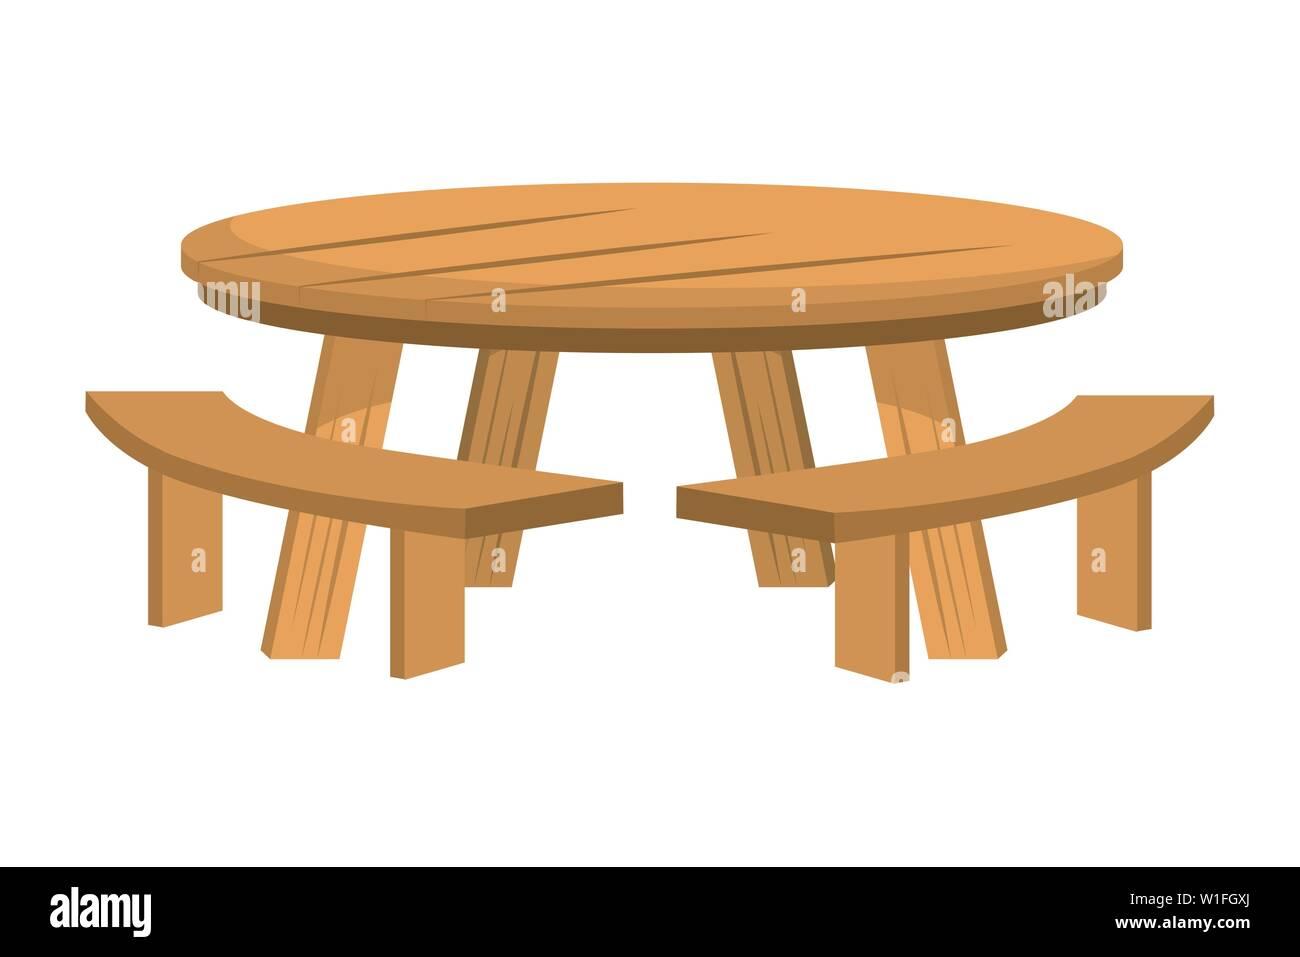 Tisch Und Bank Design Holz Home Mobel Interieur Moderne Buro Und Stil Thema Vector Illustration Stock Vektorgrafik Alamy